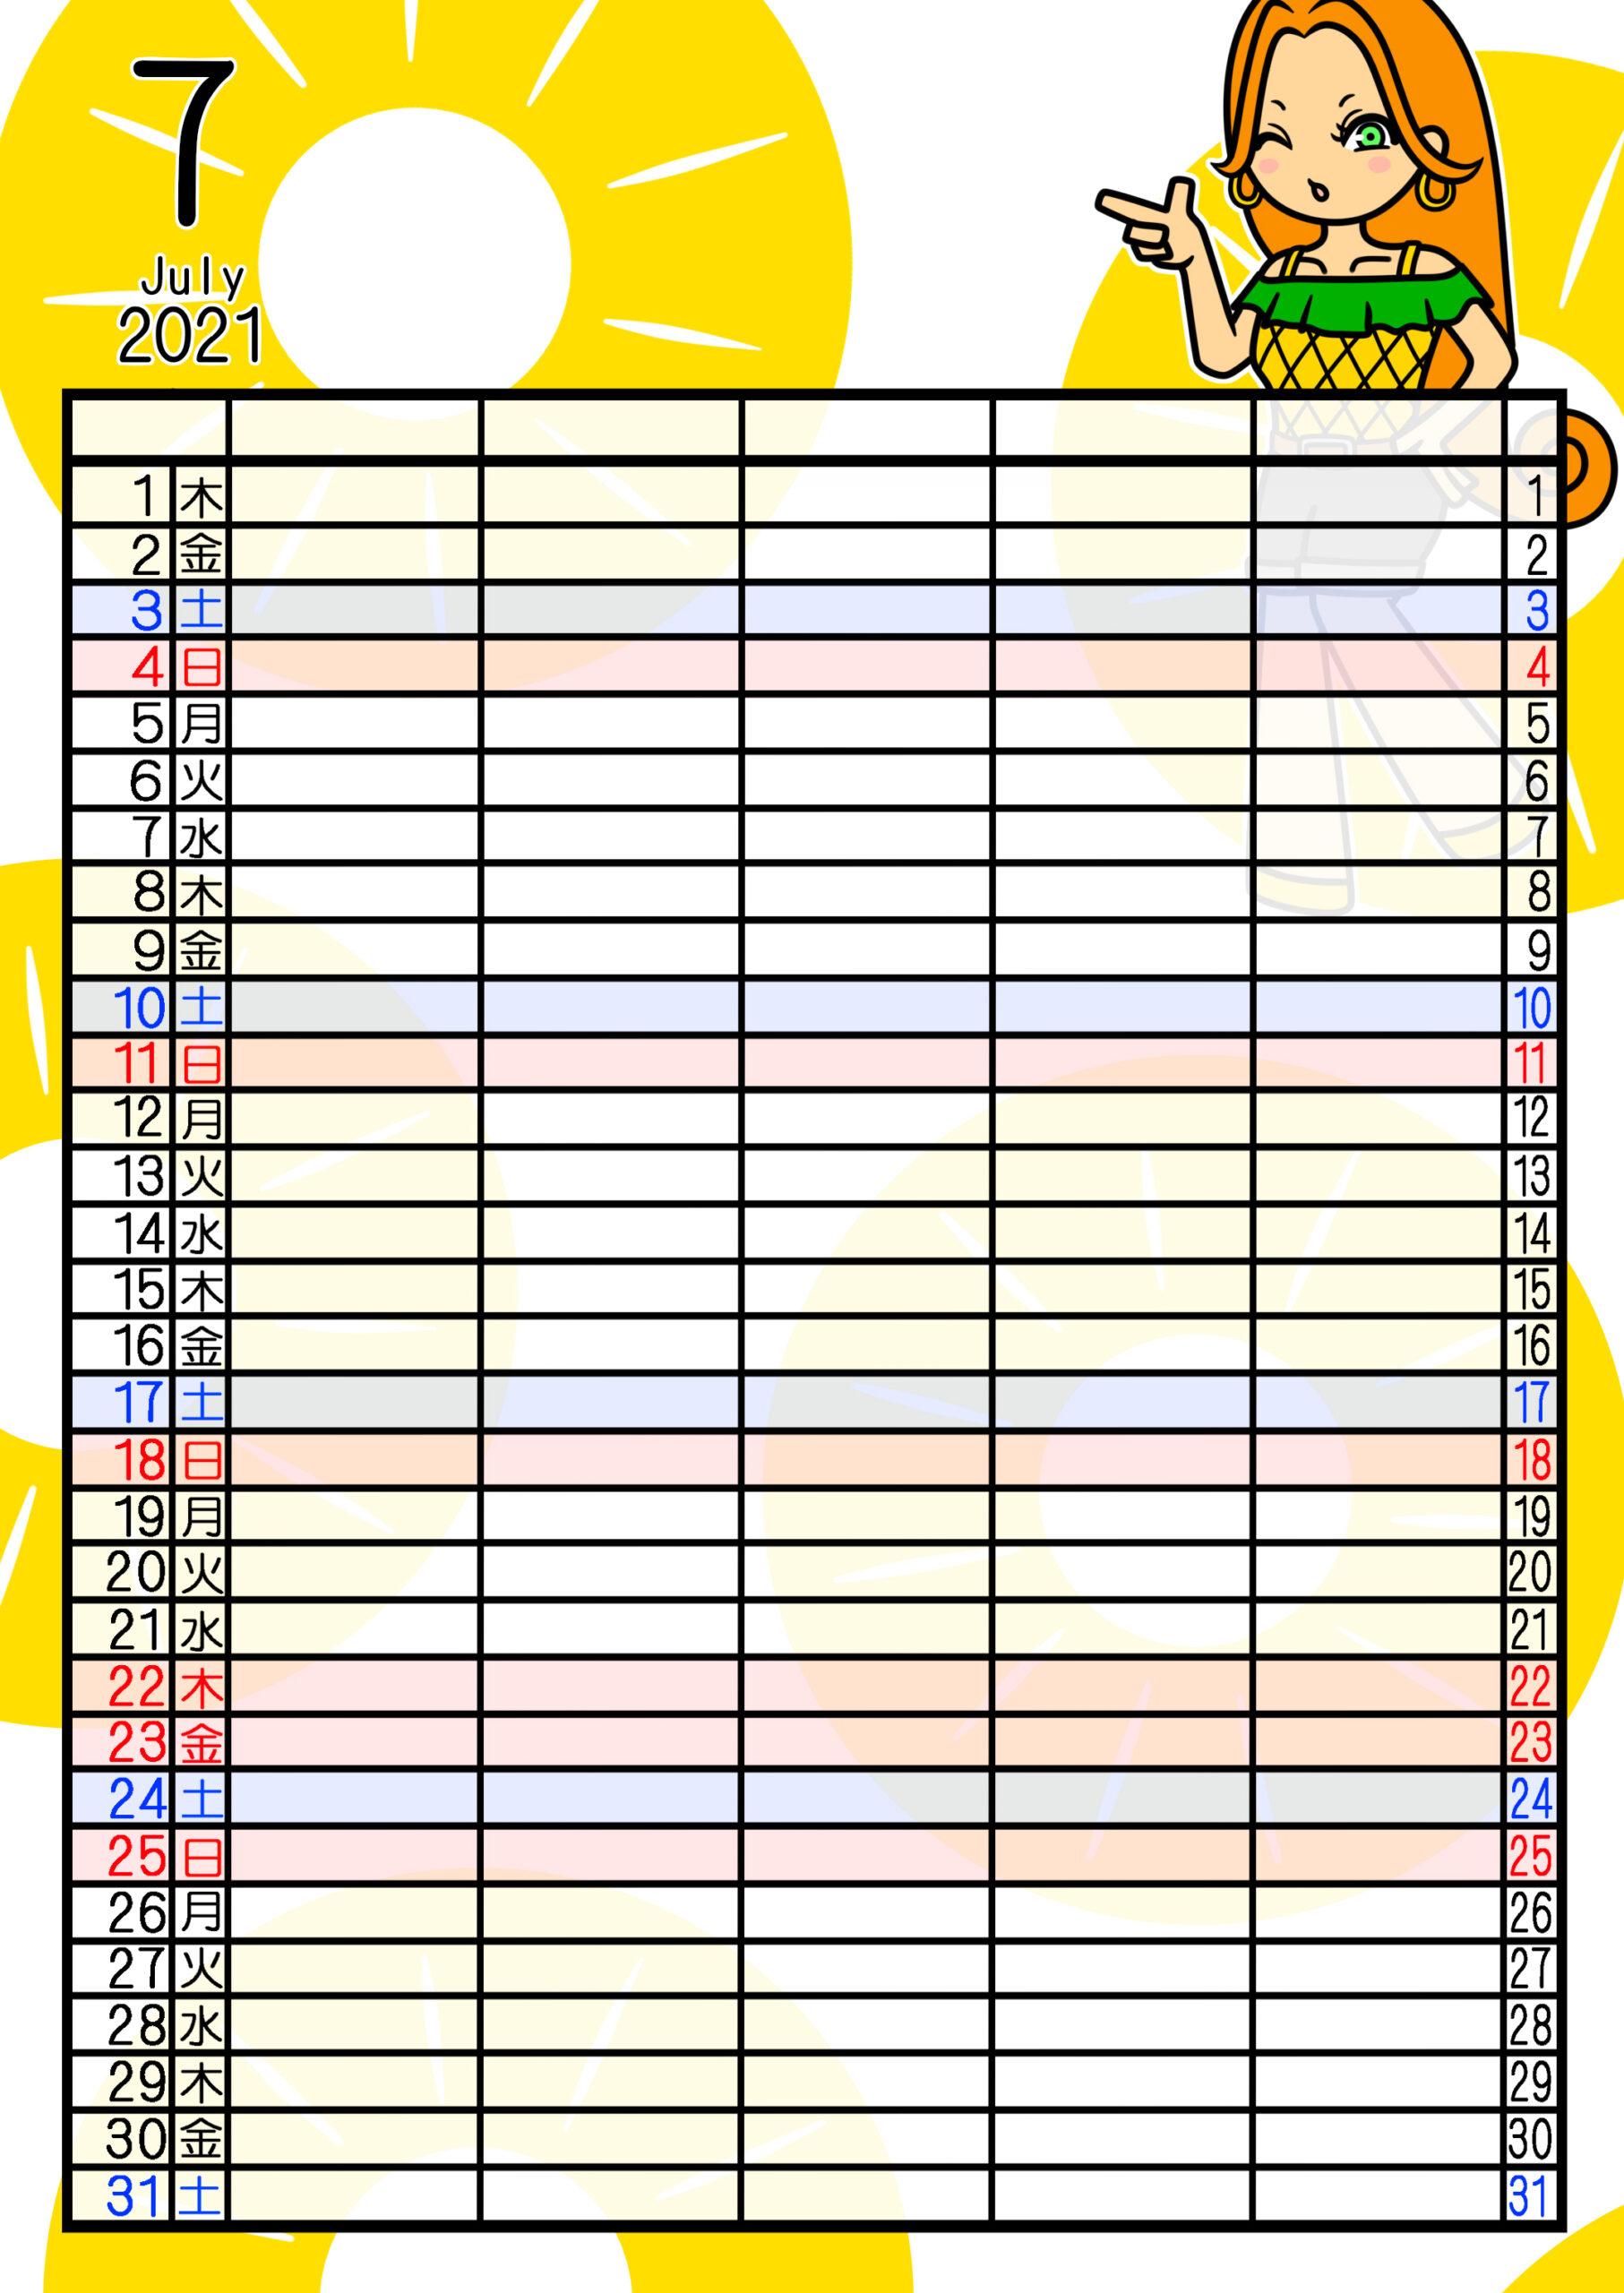 2021年家族カレンダー 無料ダウンロード 果物 フルーツ 女の子 5人用 令和3年7月パイナップル